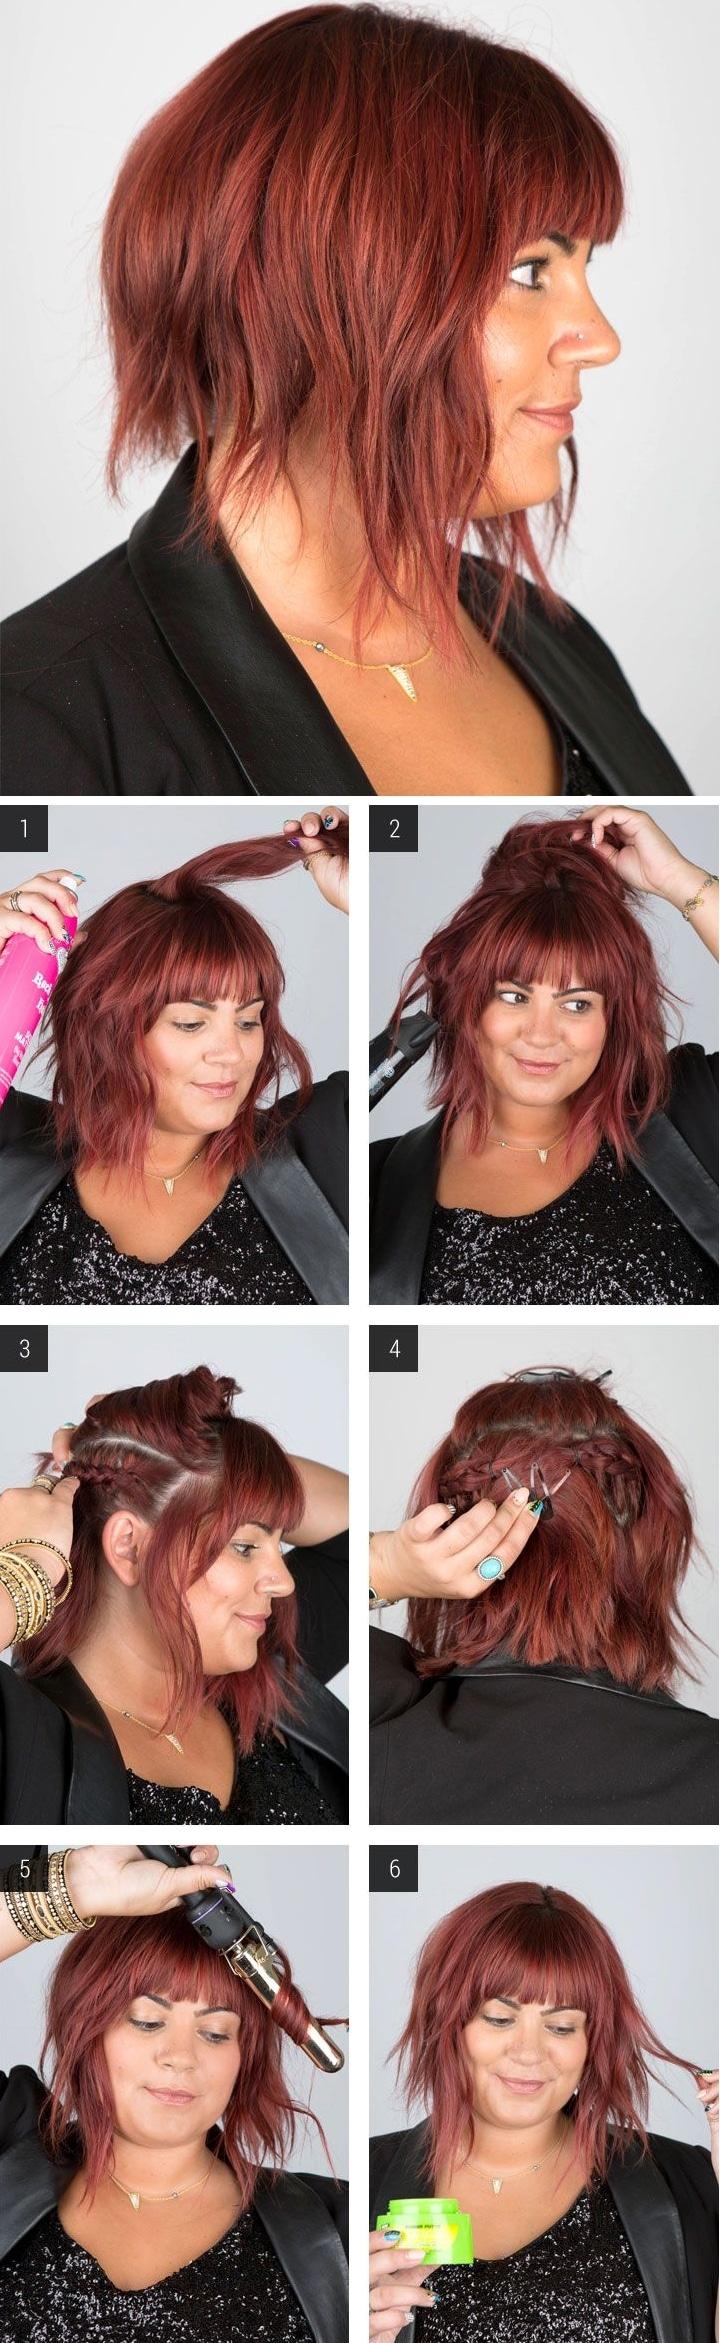 Coiffure cheveux courts carré plongeant